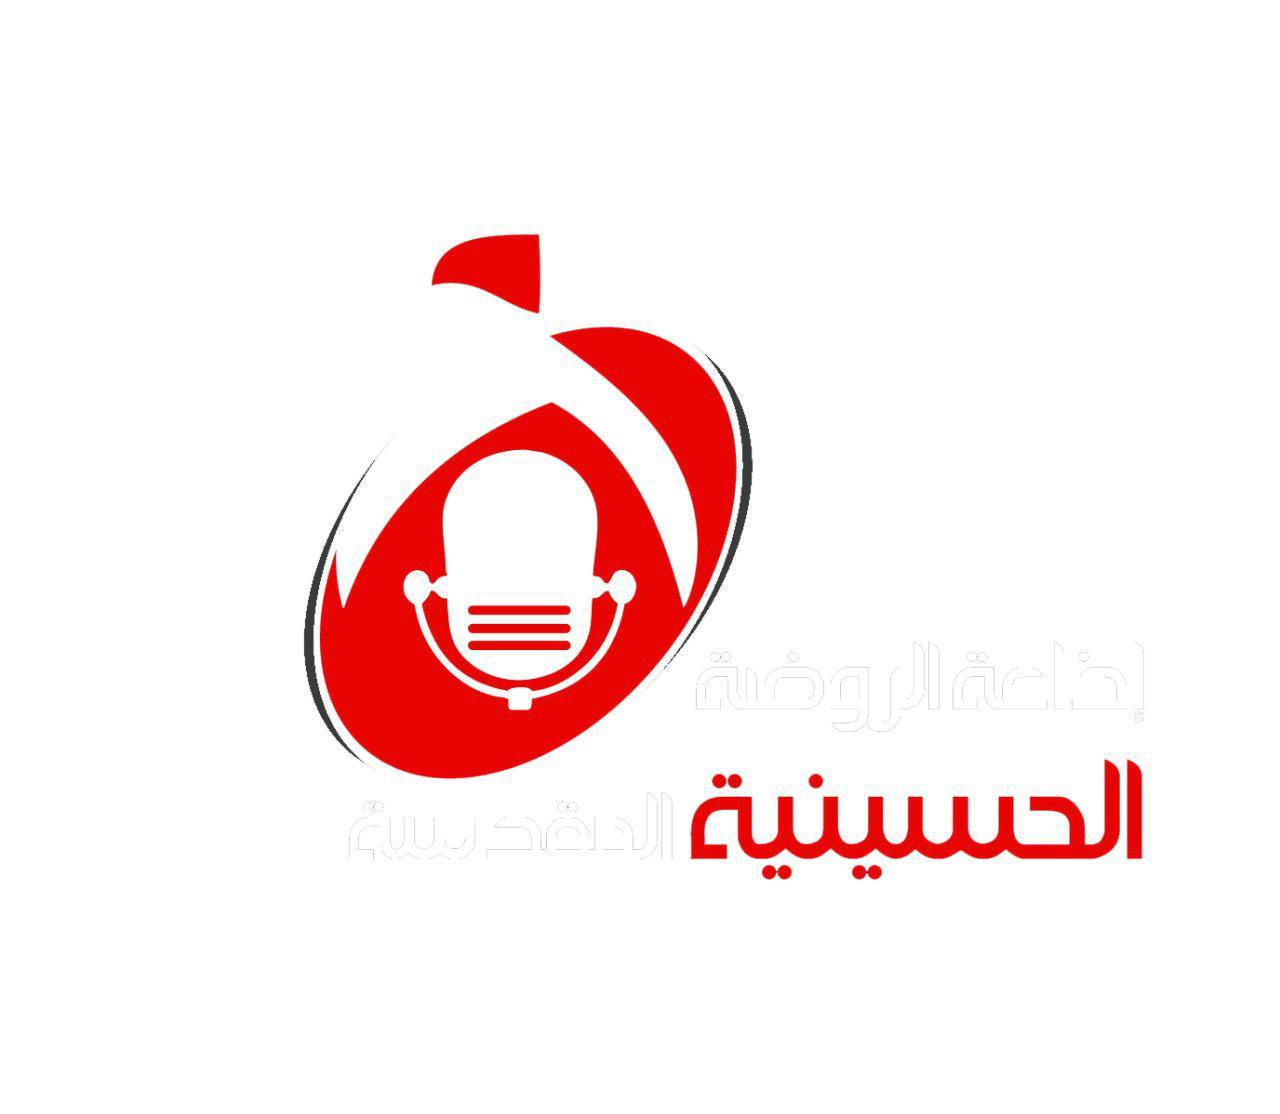 https://imamhussain-fm.com/img/photo_2018-09-18_12-02-56.jpg